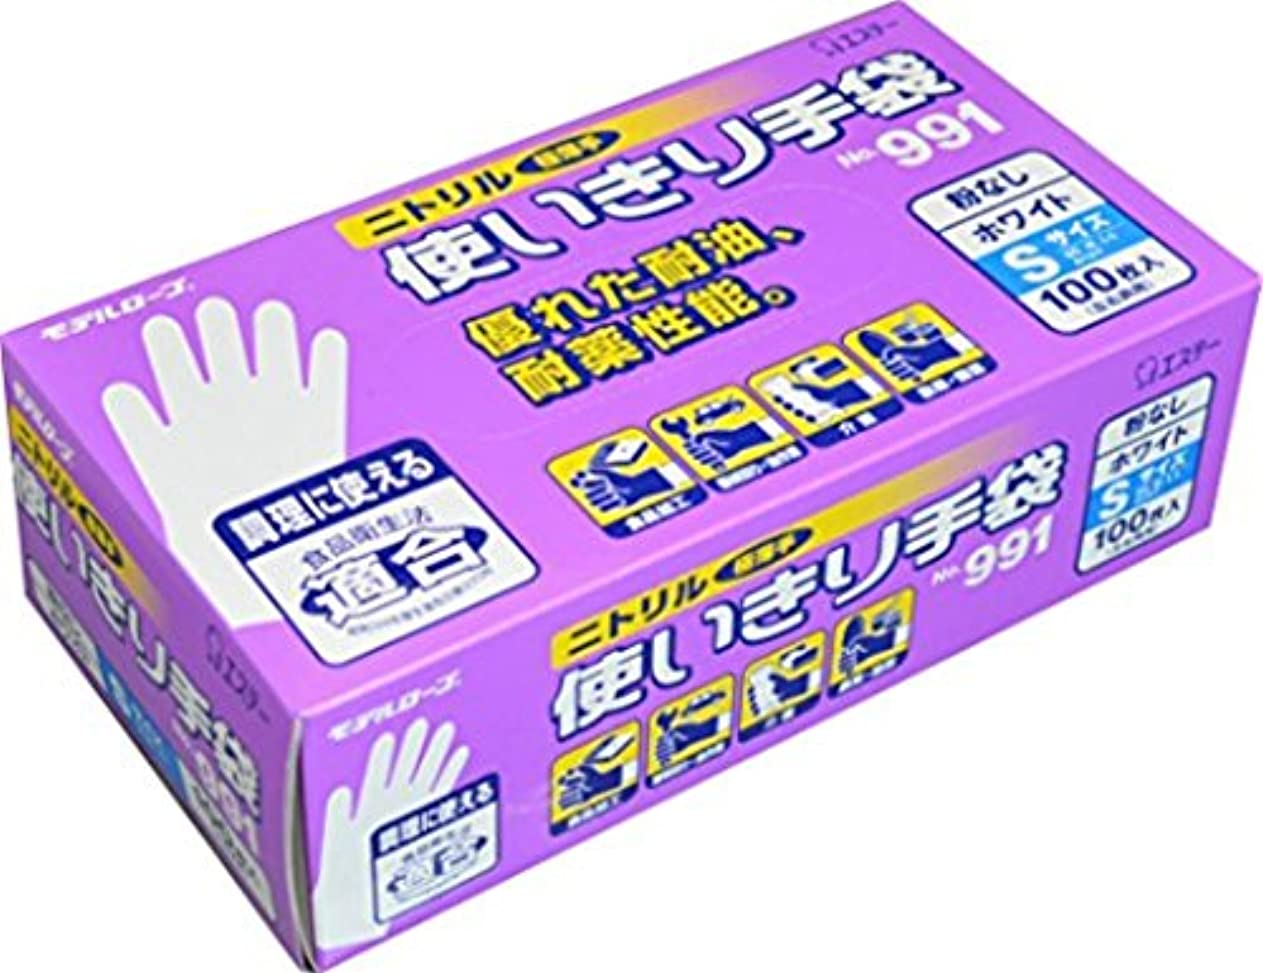 ボス抑制する精神的に(まとめ買い)エステー ニトリル使いきり手袋粉無No.991ホワイトS 100枚【×2セット】